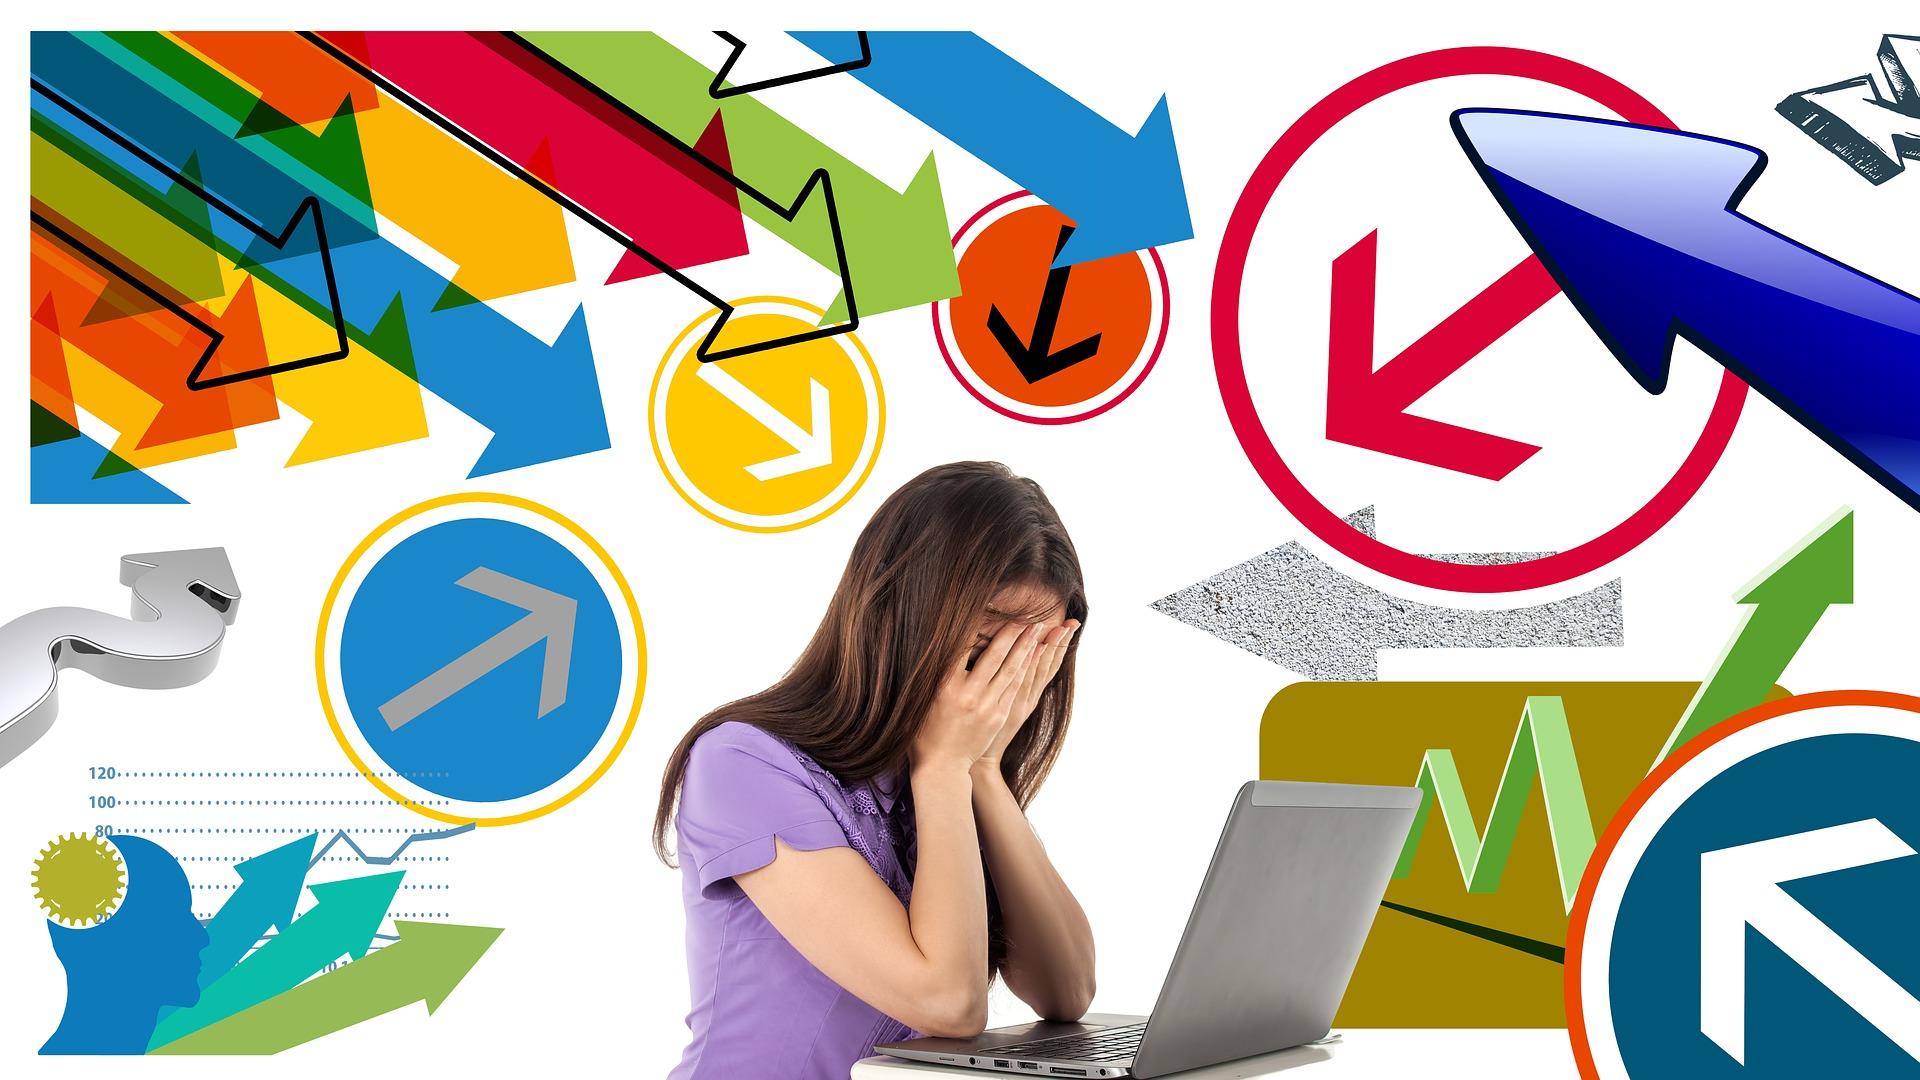 Влияе ли стреса на зрението? Как да прекъснем порочния кръг на стреса и прогресиращата загуба на зрение?